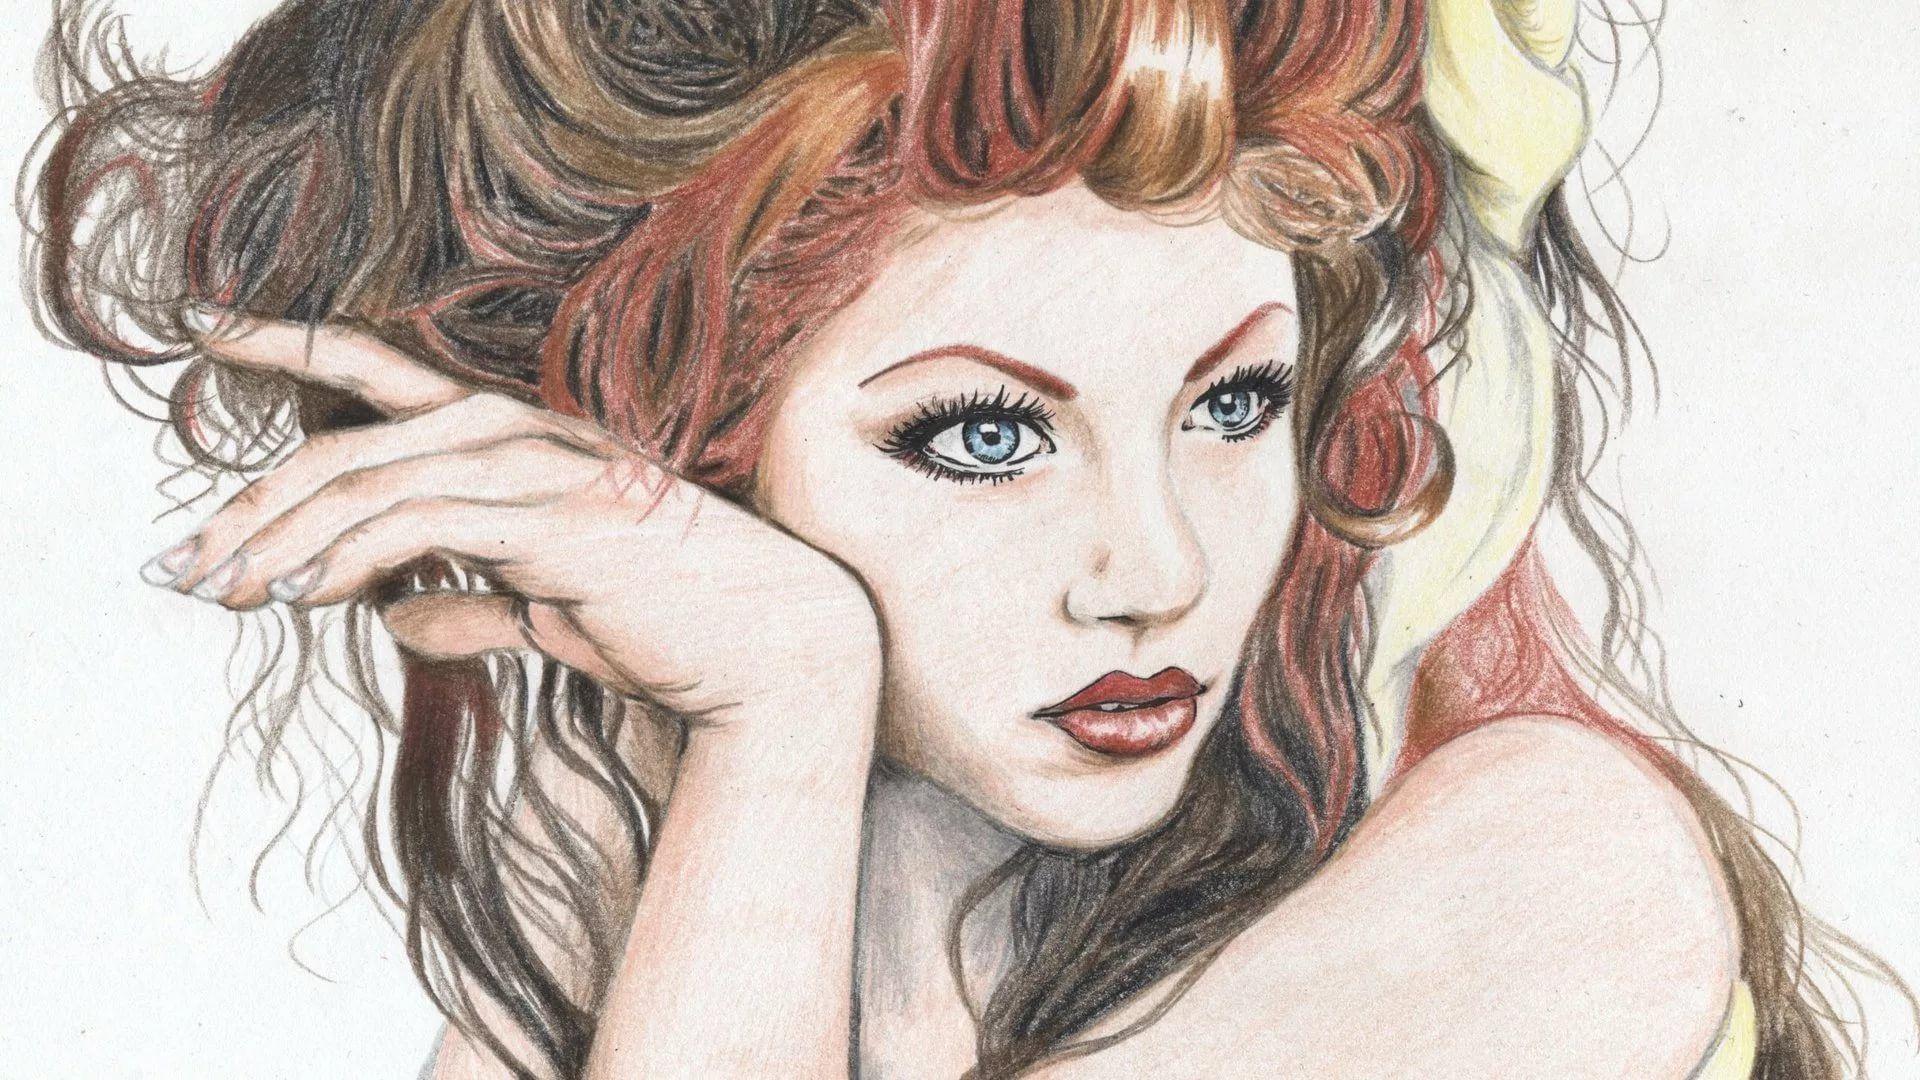 Swag Tumblr Drawings hd wallpaper